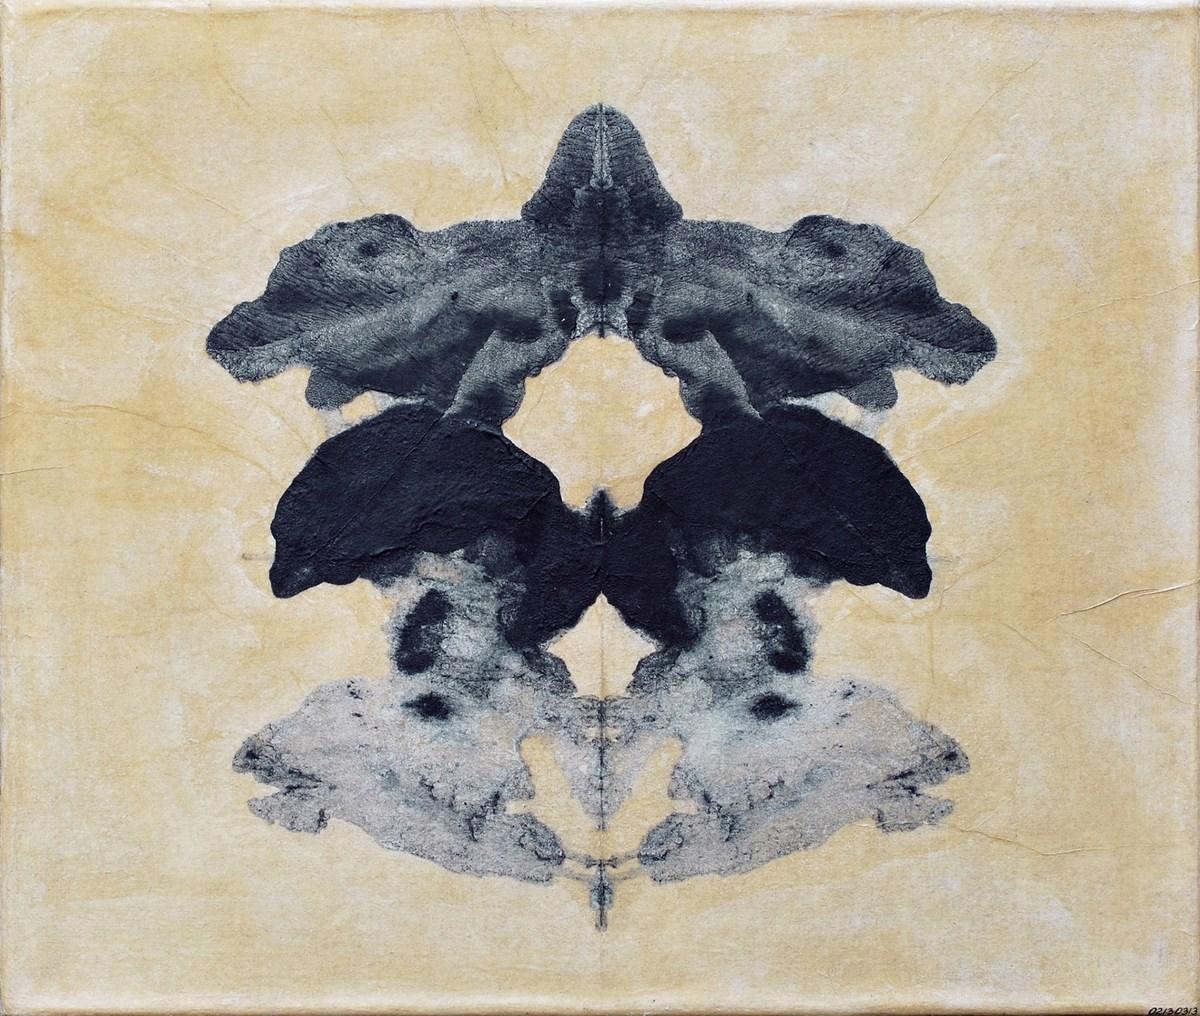 """Agnieszka Piotrowska, """"02130313"""", 34 x 40 cm, preparaty medyczne na płótnie, 2013 (źródło: materiały prasowe organizatora)"""